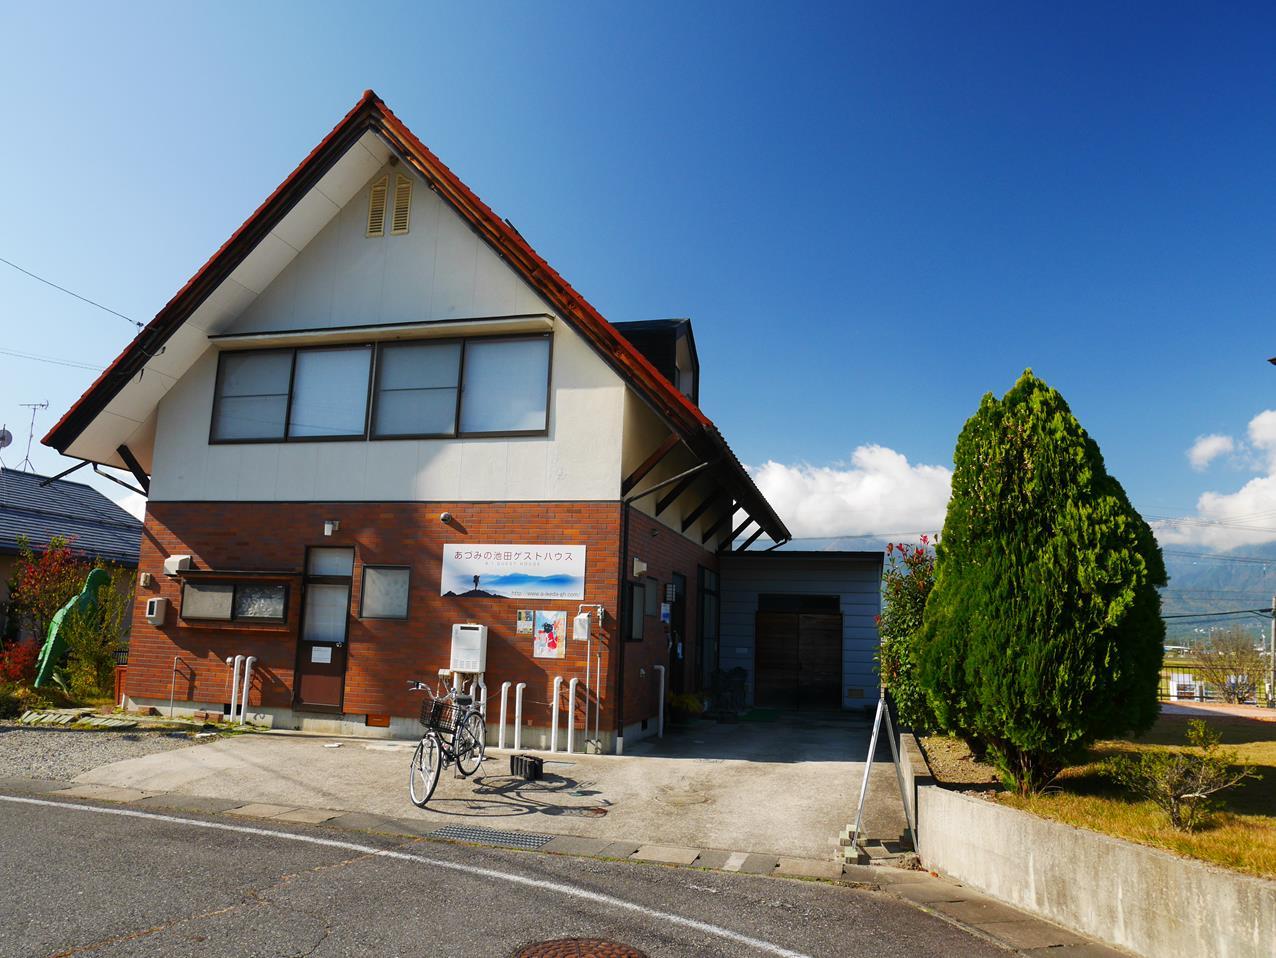 安曇野池田Guest house(あづみの池田・ゲストハウス)